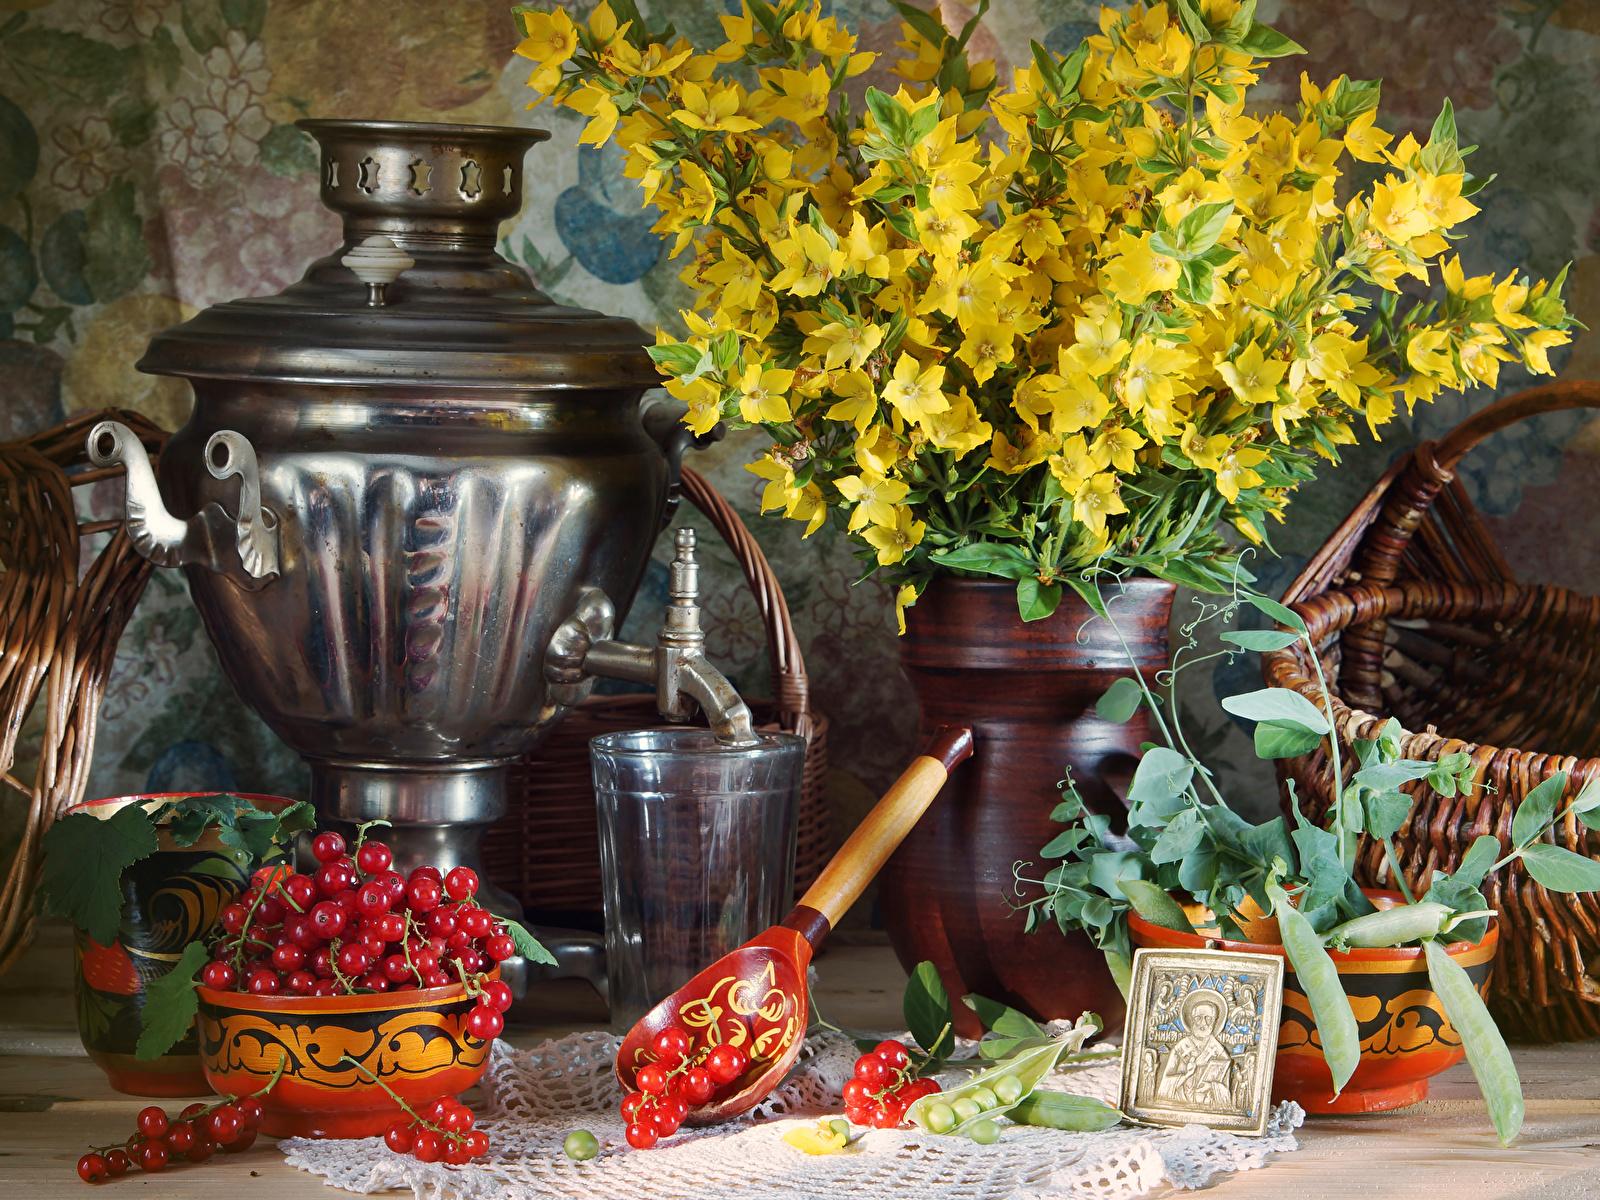 Обои самовары Букеты Стакан Смородина Еда ложки Натюрморт 1600x1200 Самовар самовара стакана стакане Пища Ложка Продукты питания